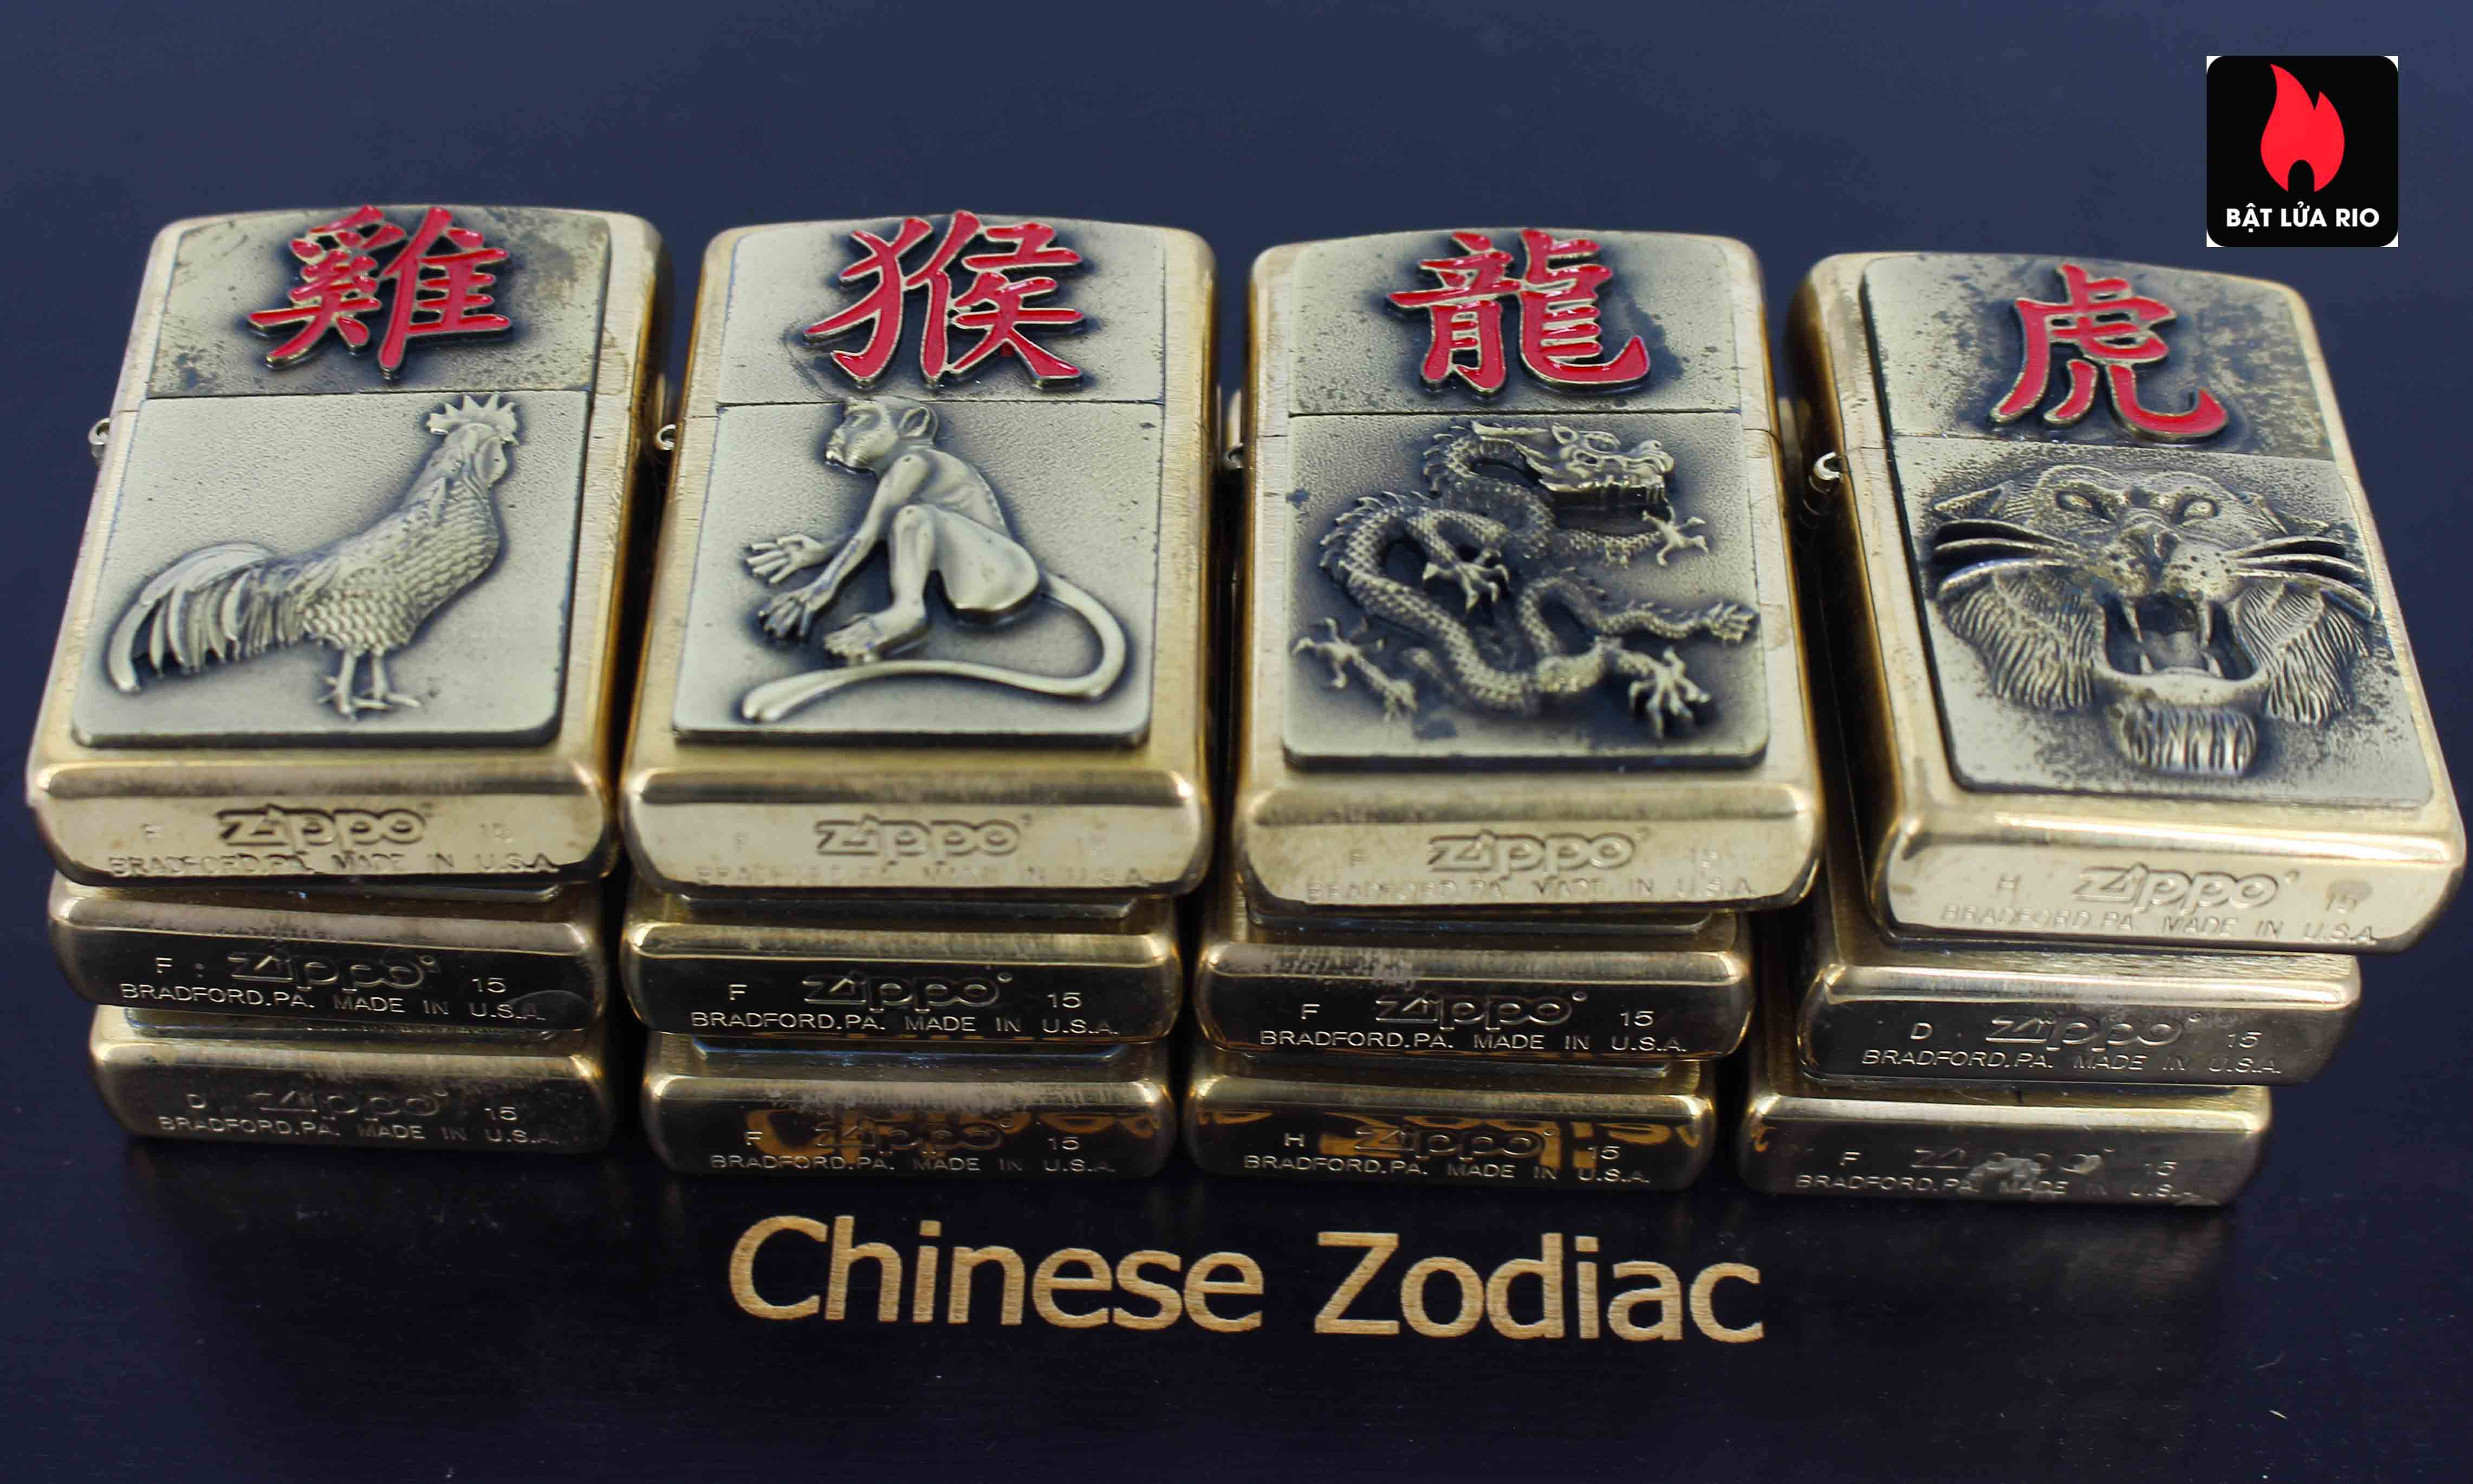 Zippo Set 2015 - Chinese Zodiac - 12 Con Giáp Châu Á 8